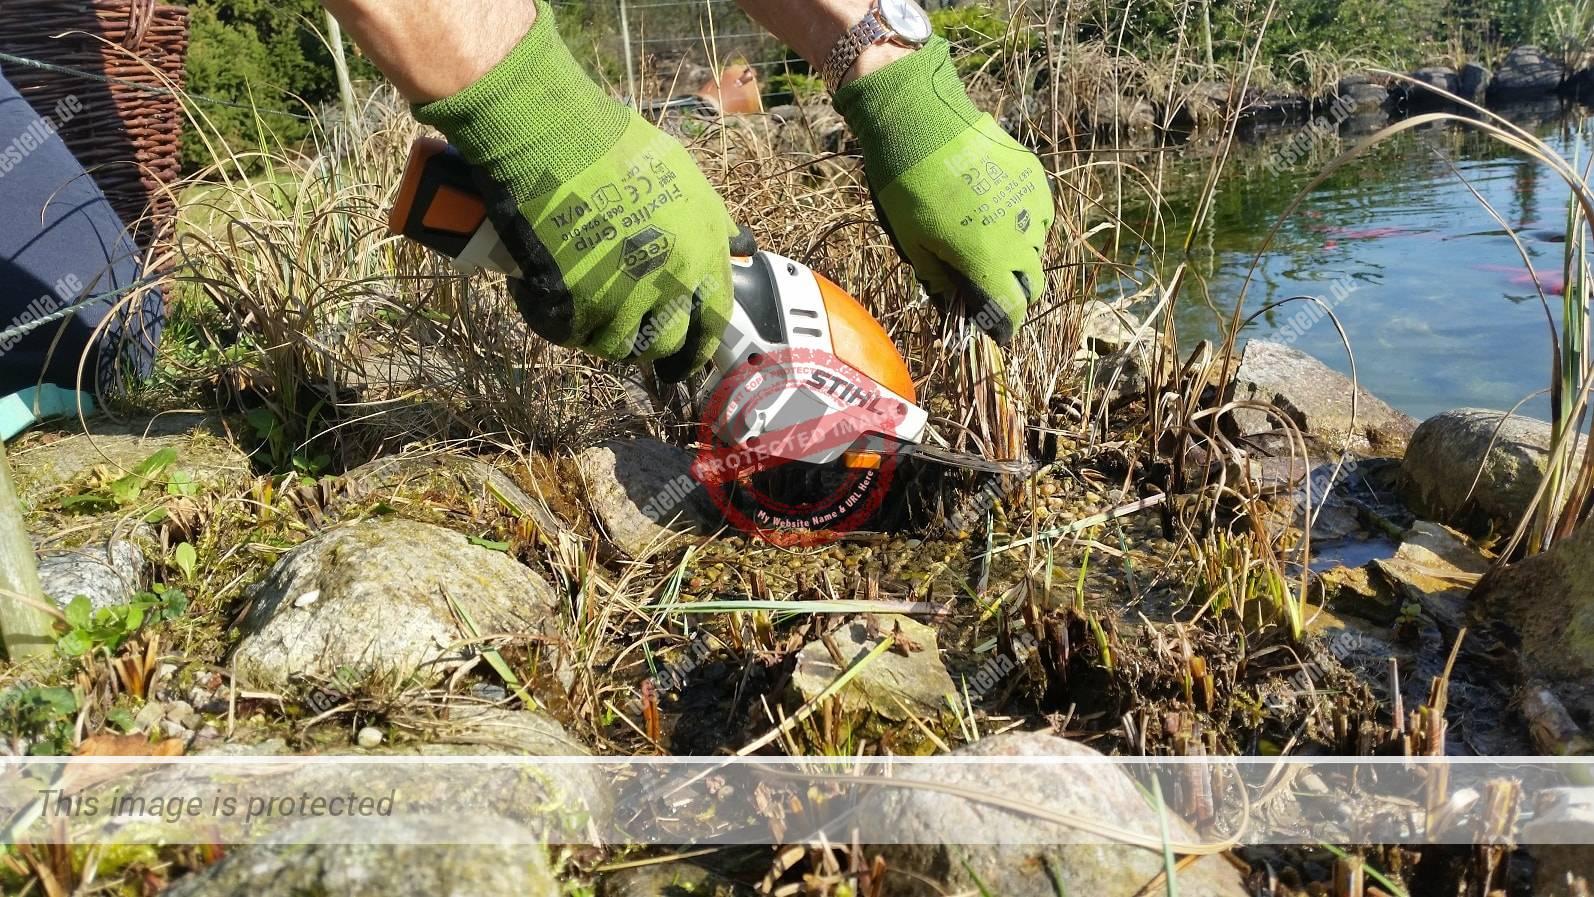 Gartenarbeit am Teich mit der Akku Grasschere